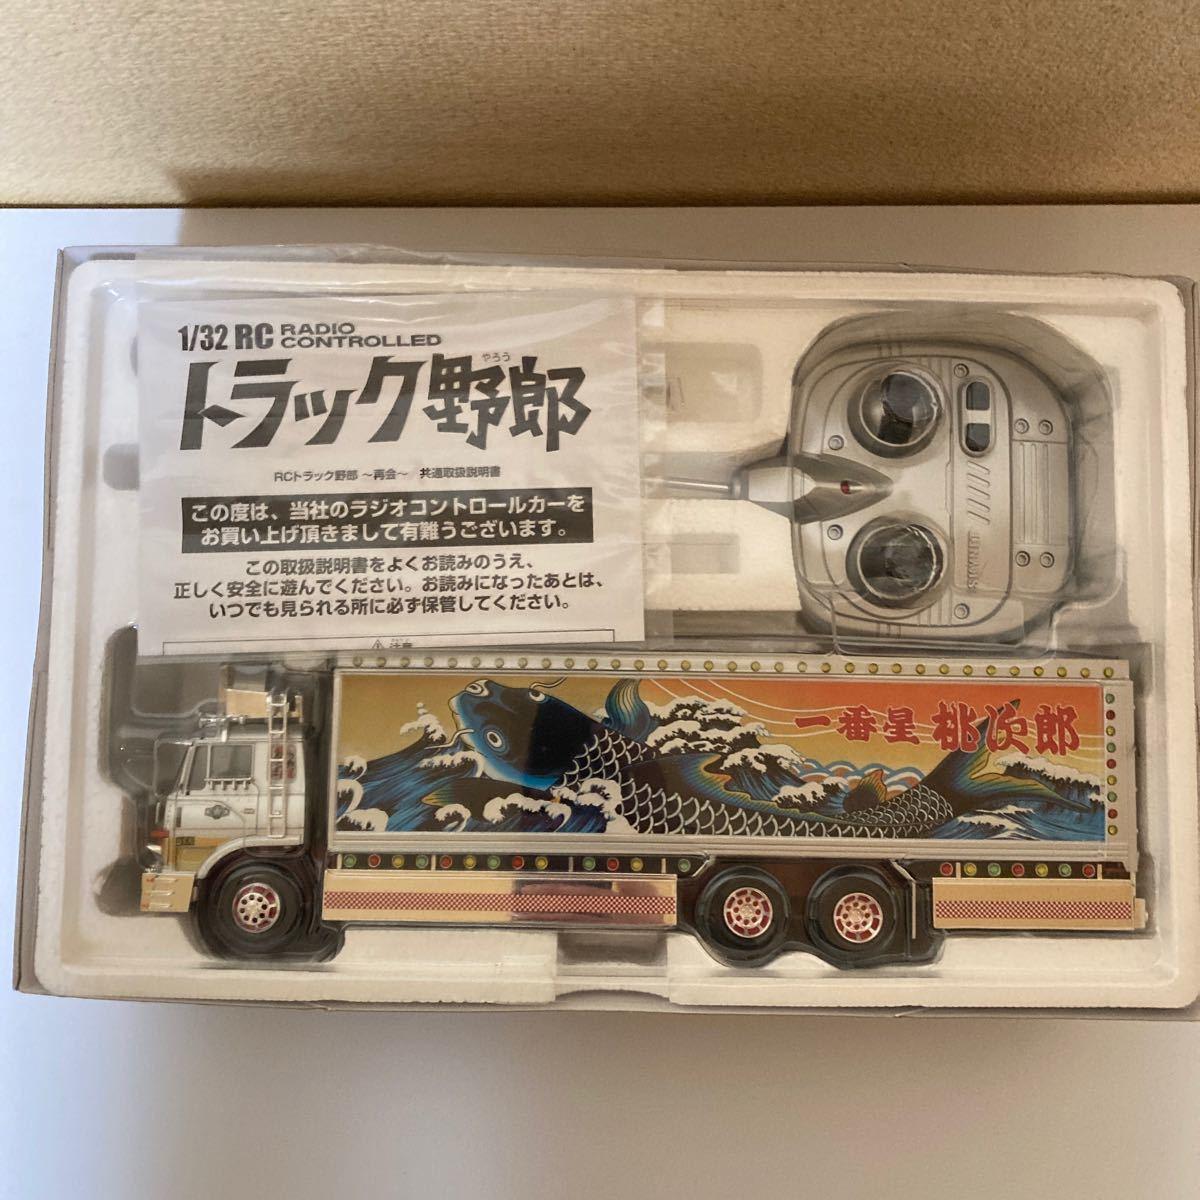 トラック野郎 望郷一番星 再開 ラジコン スカイネット 完成品 デコトラ トラック野郎一番星 桃次郎